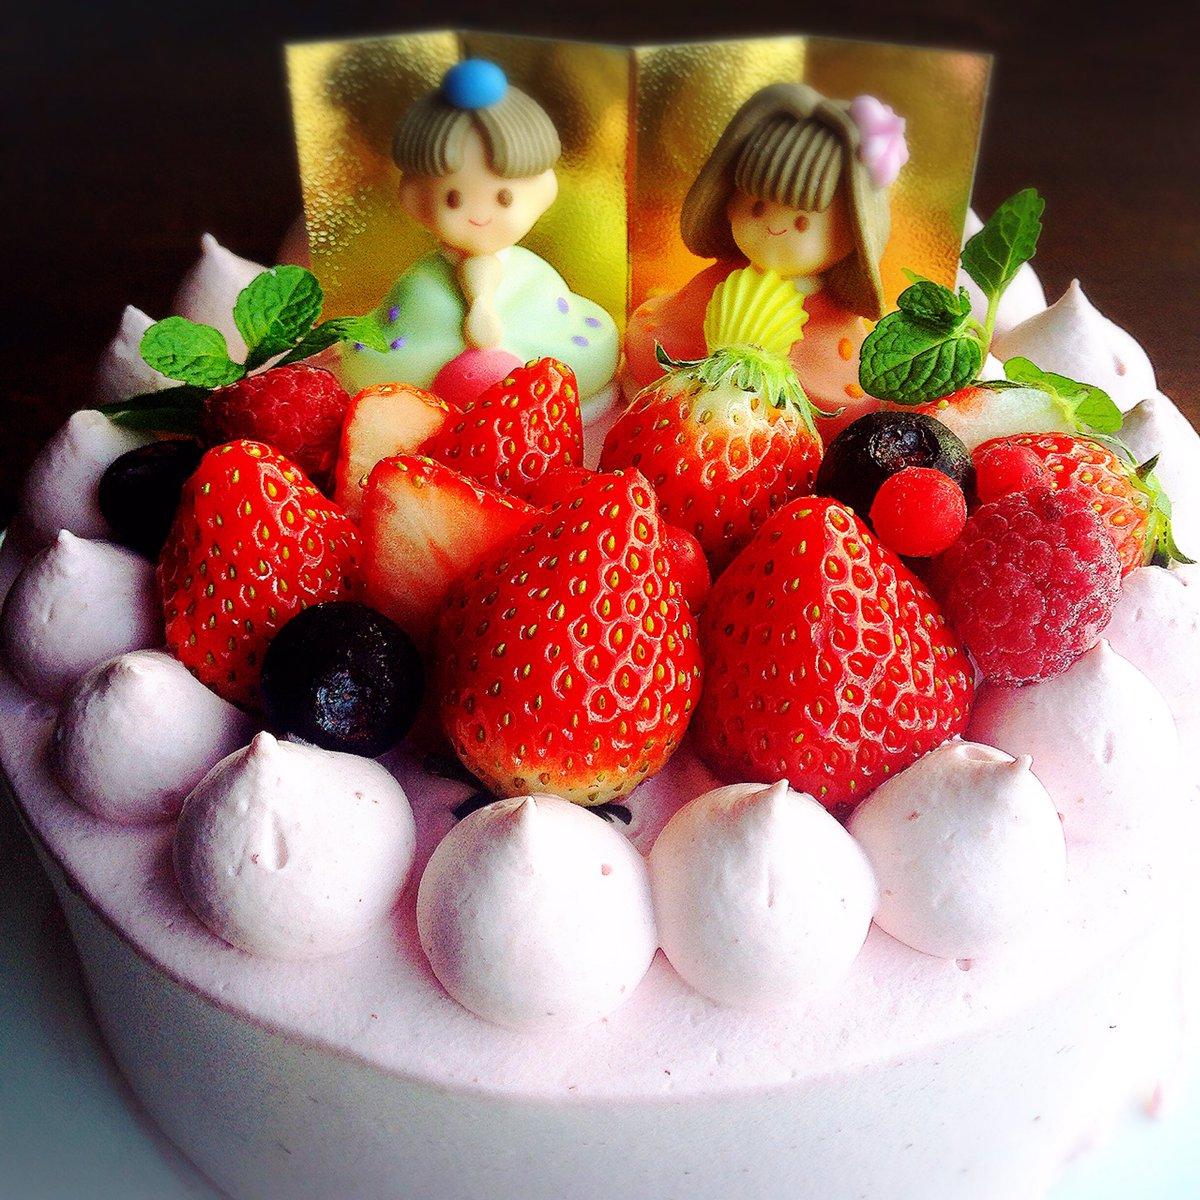 ひなまつりケーキのご予約受付中です♬  ひなまつりロールケーキ2400円  ひなまつり5号3400円